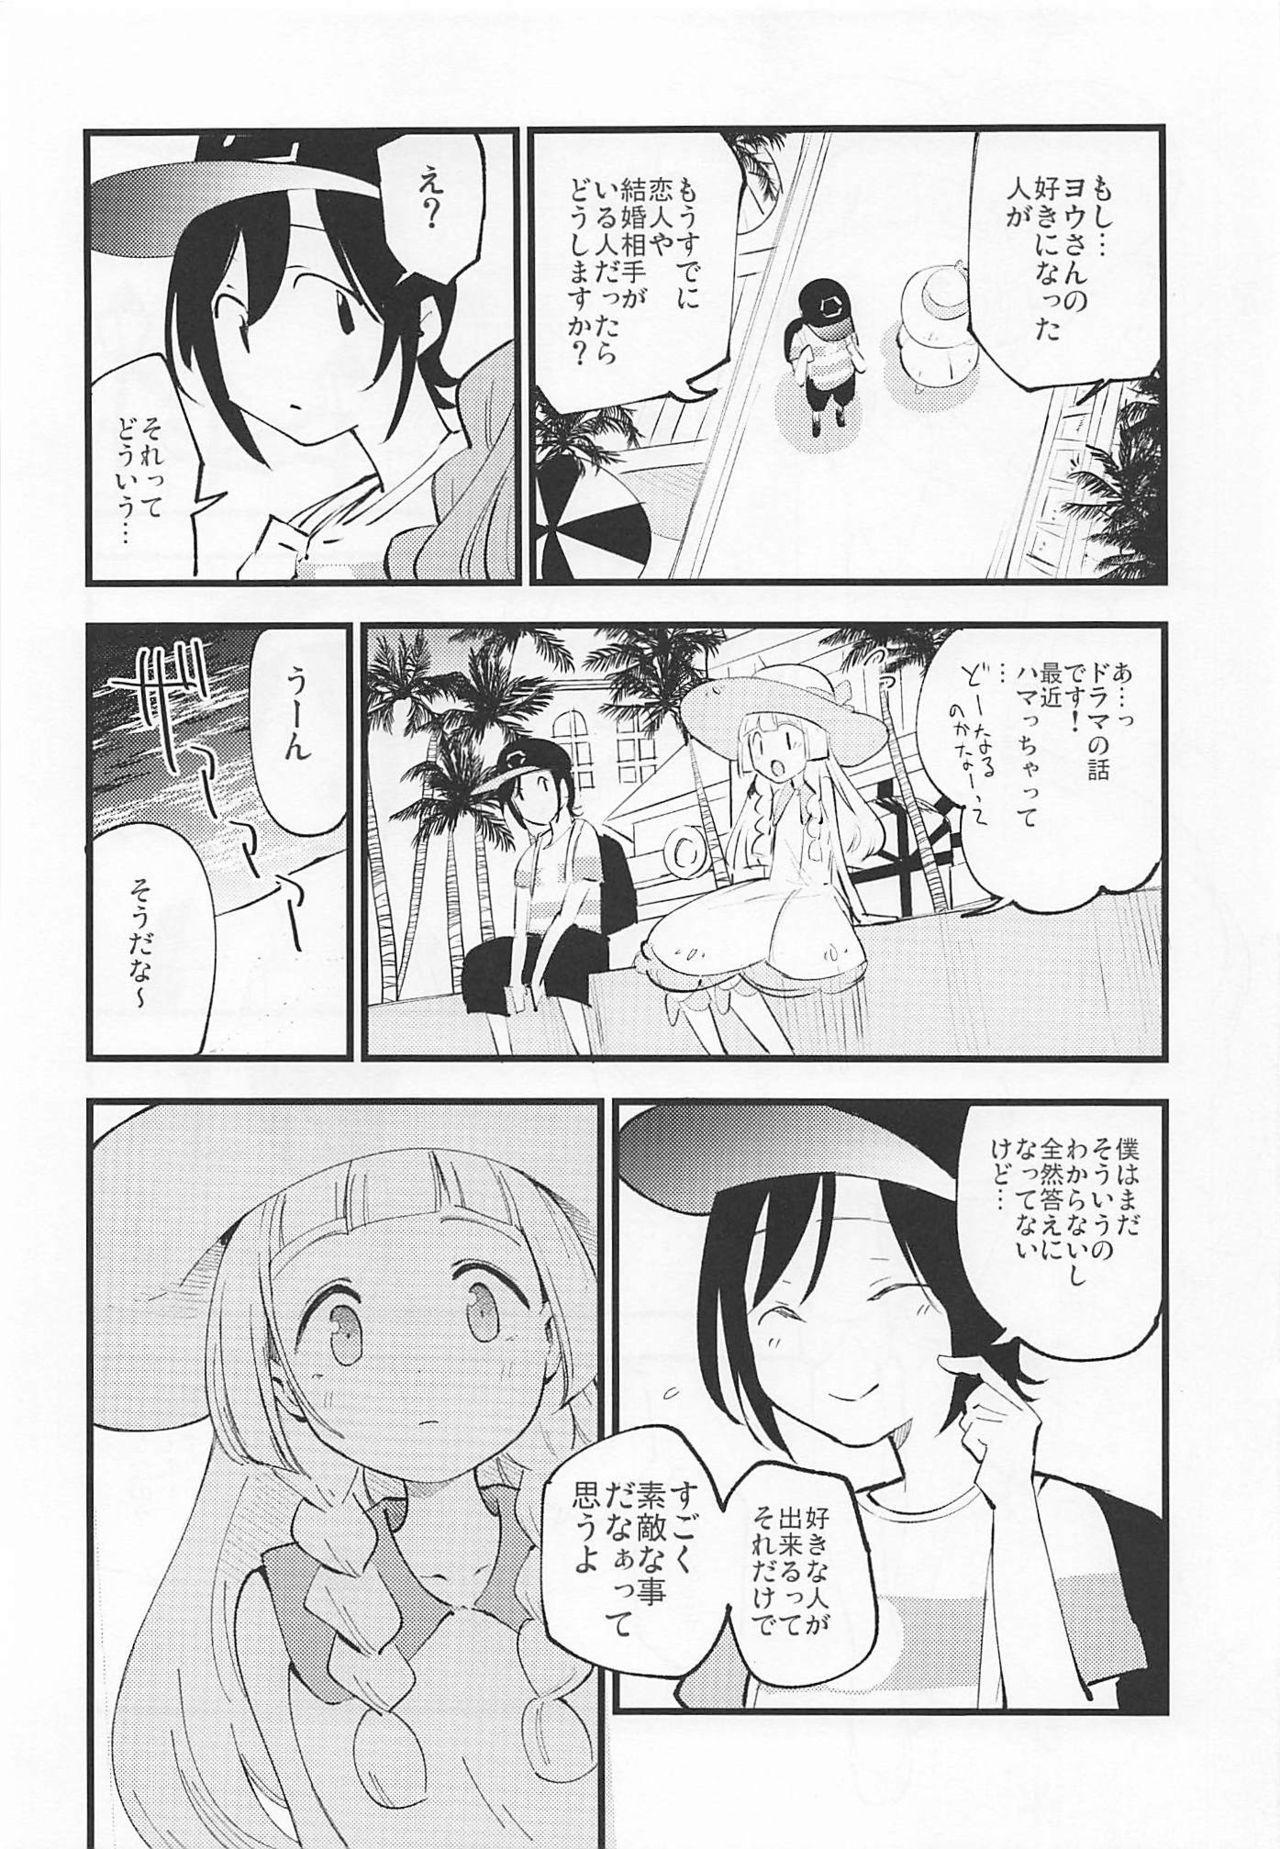 Hakase no Yoru no Joshu. 3 6